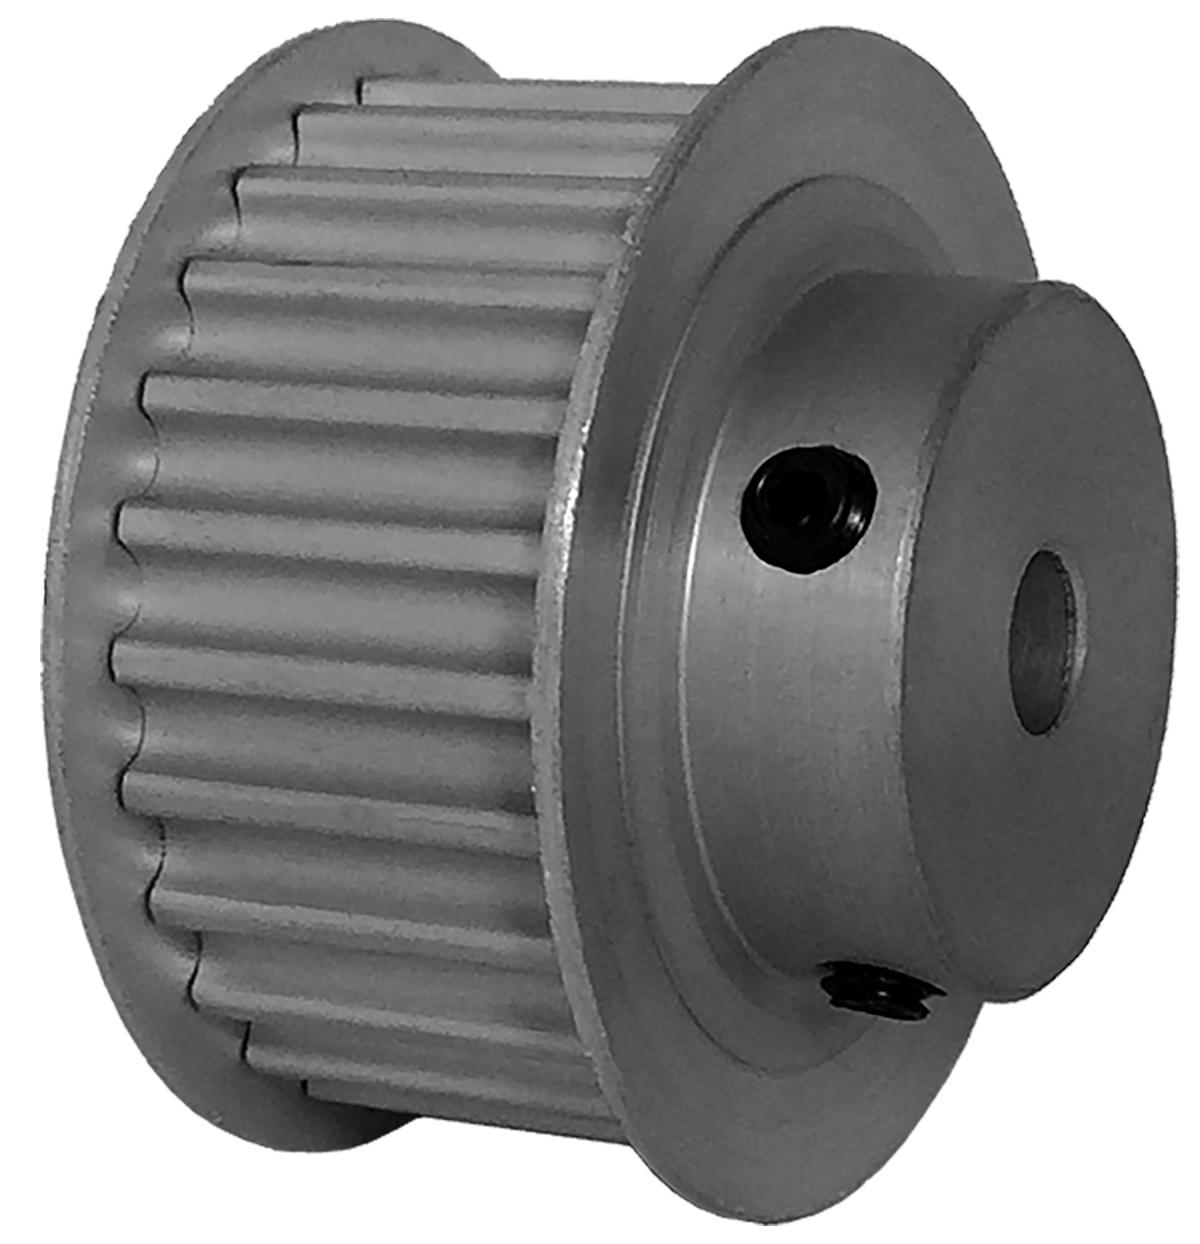 25-5P15-6FA3 - Aluminum Powerhouse® Pulleys